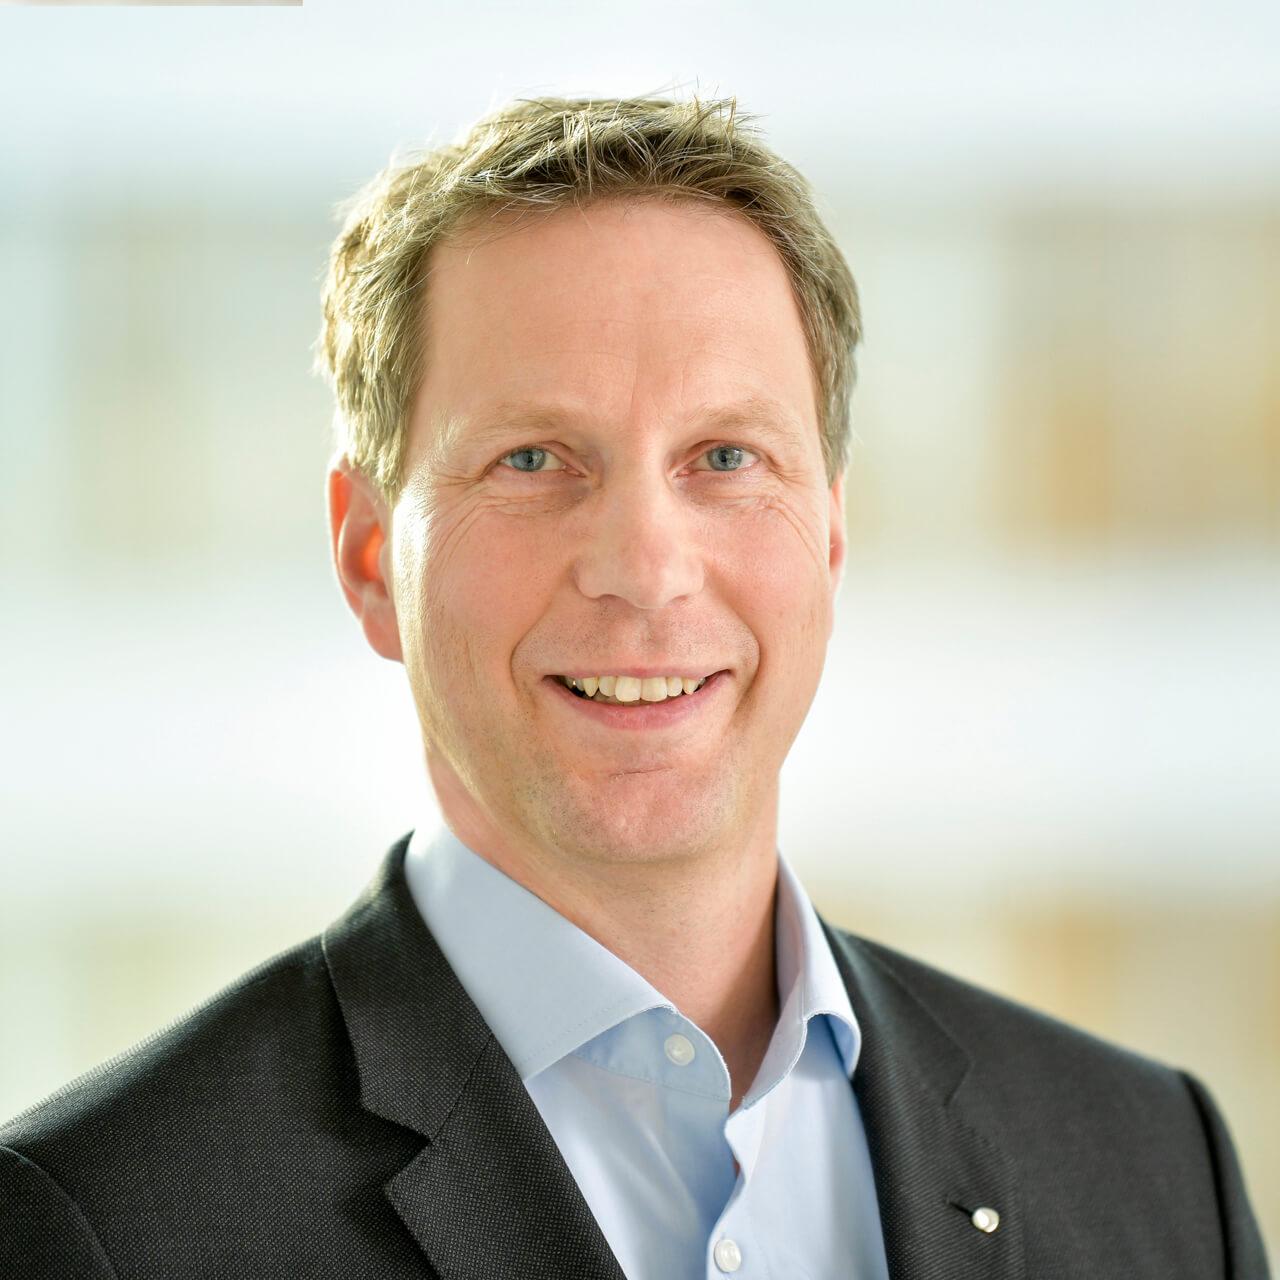 Matthias Kramer